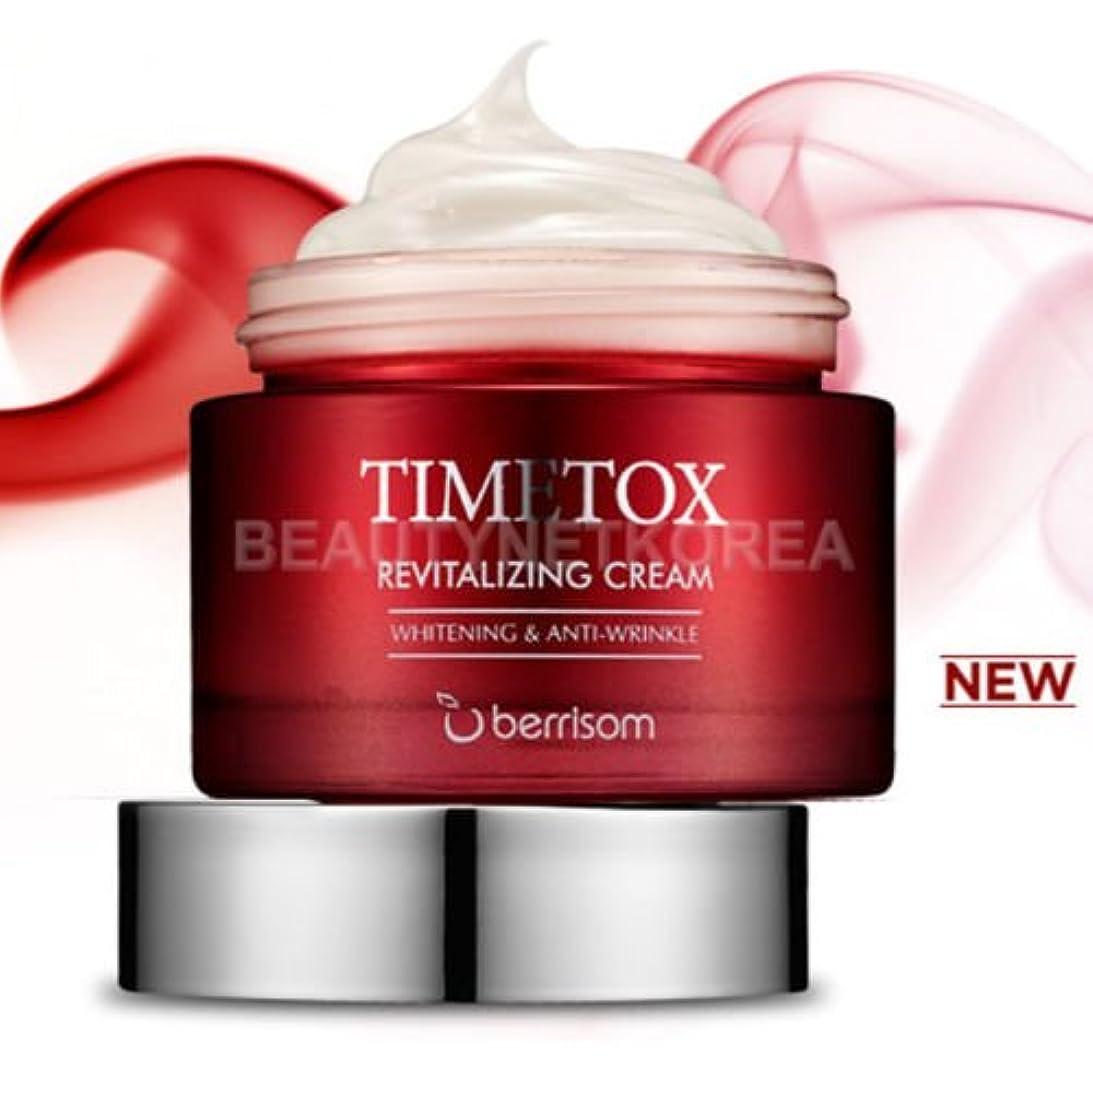 コンデンサー活気づける容量ベリサム(berrisom)ノ二タイムトックスクリーム TIMETOX Revitalizing Cream 50ml